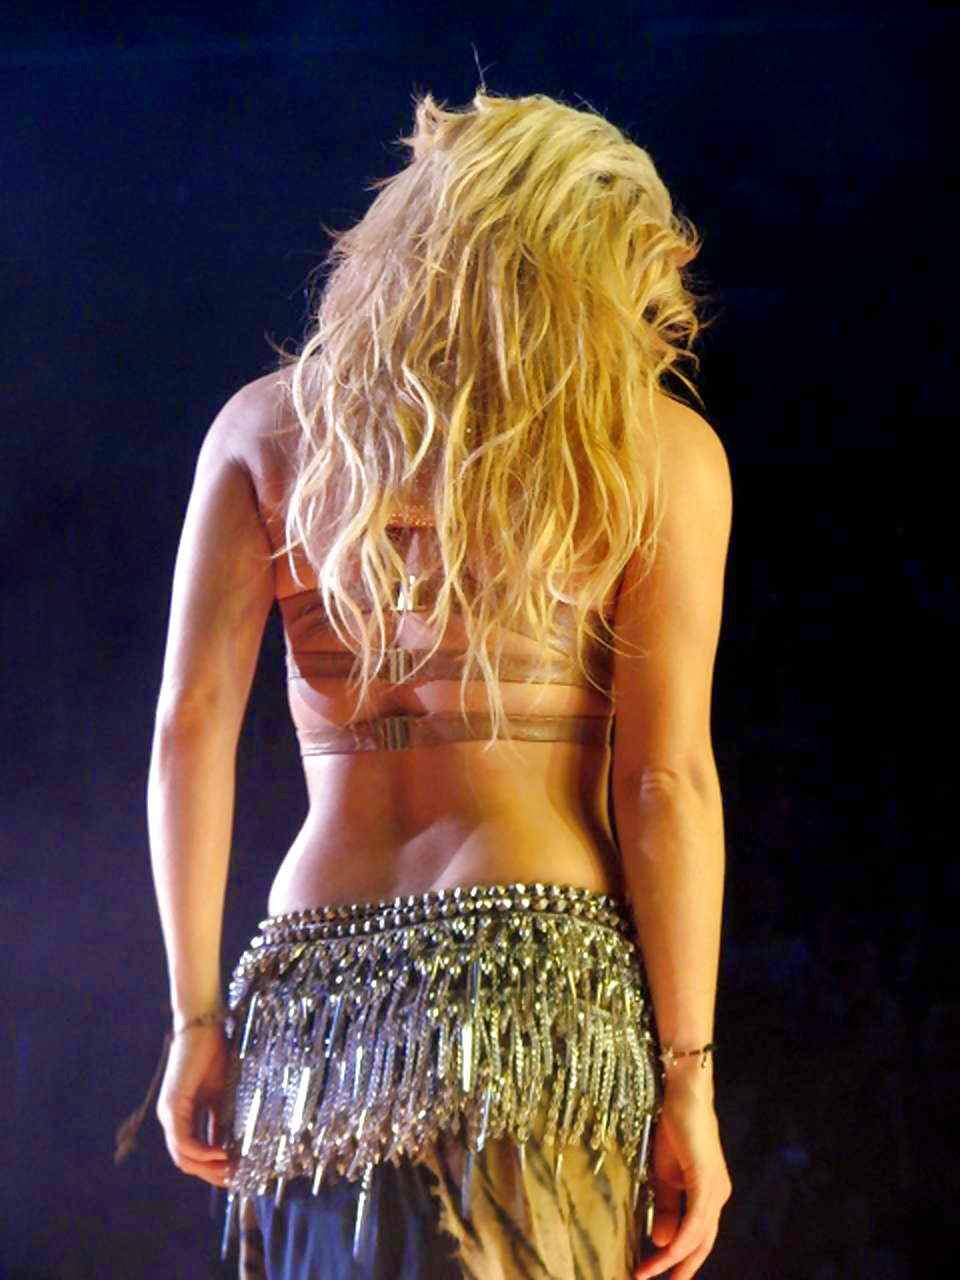 Shakira Hot Hd Wallpapers 2015  Shakira Sexy Hq Images  Shakira -9075